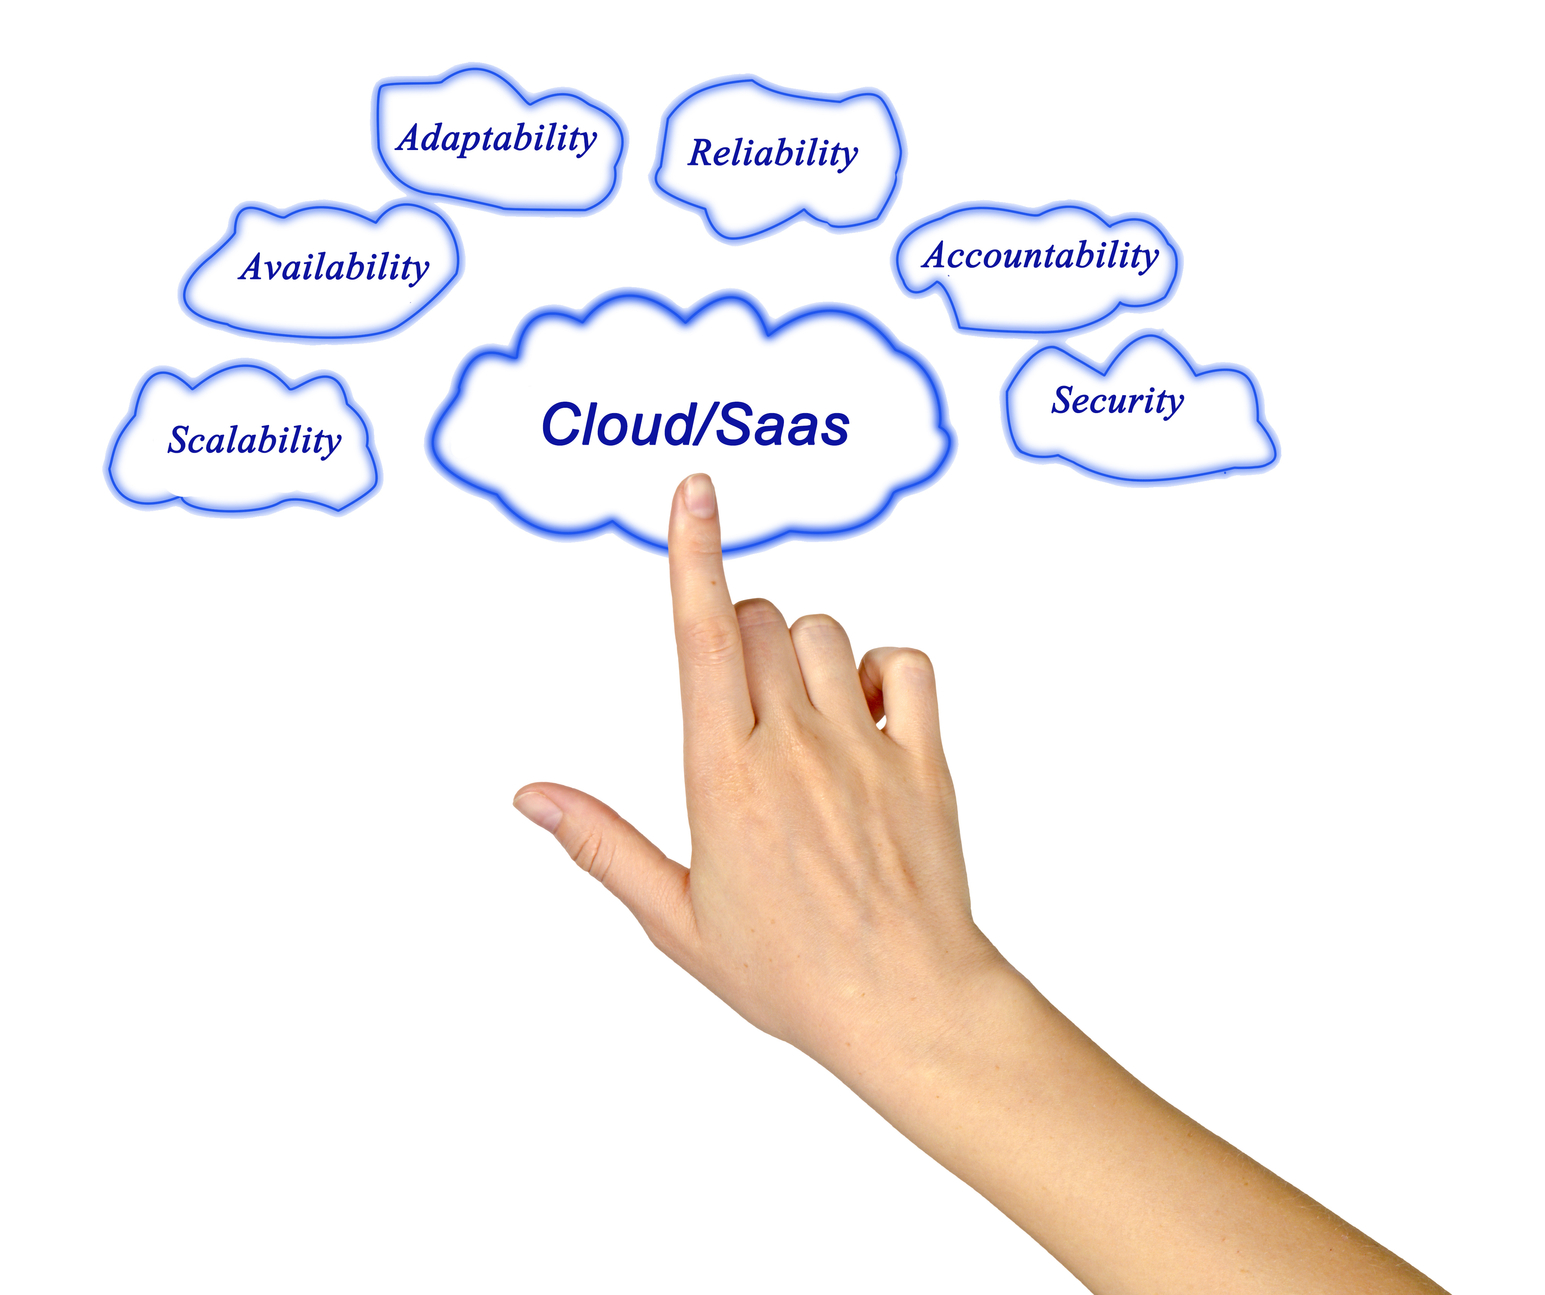 Cloud SaaS based EHR